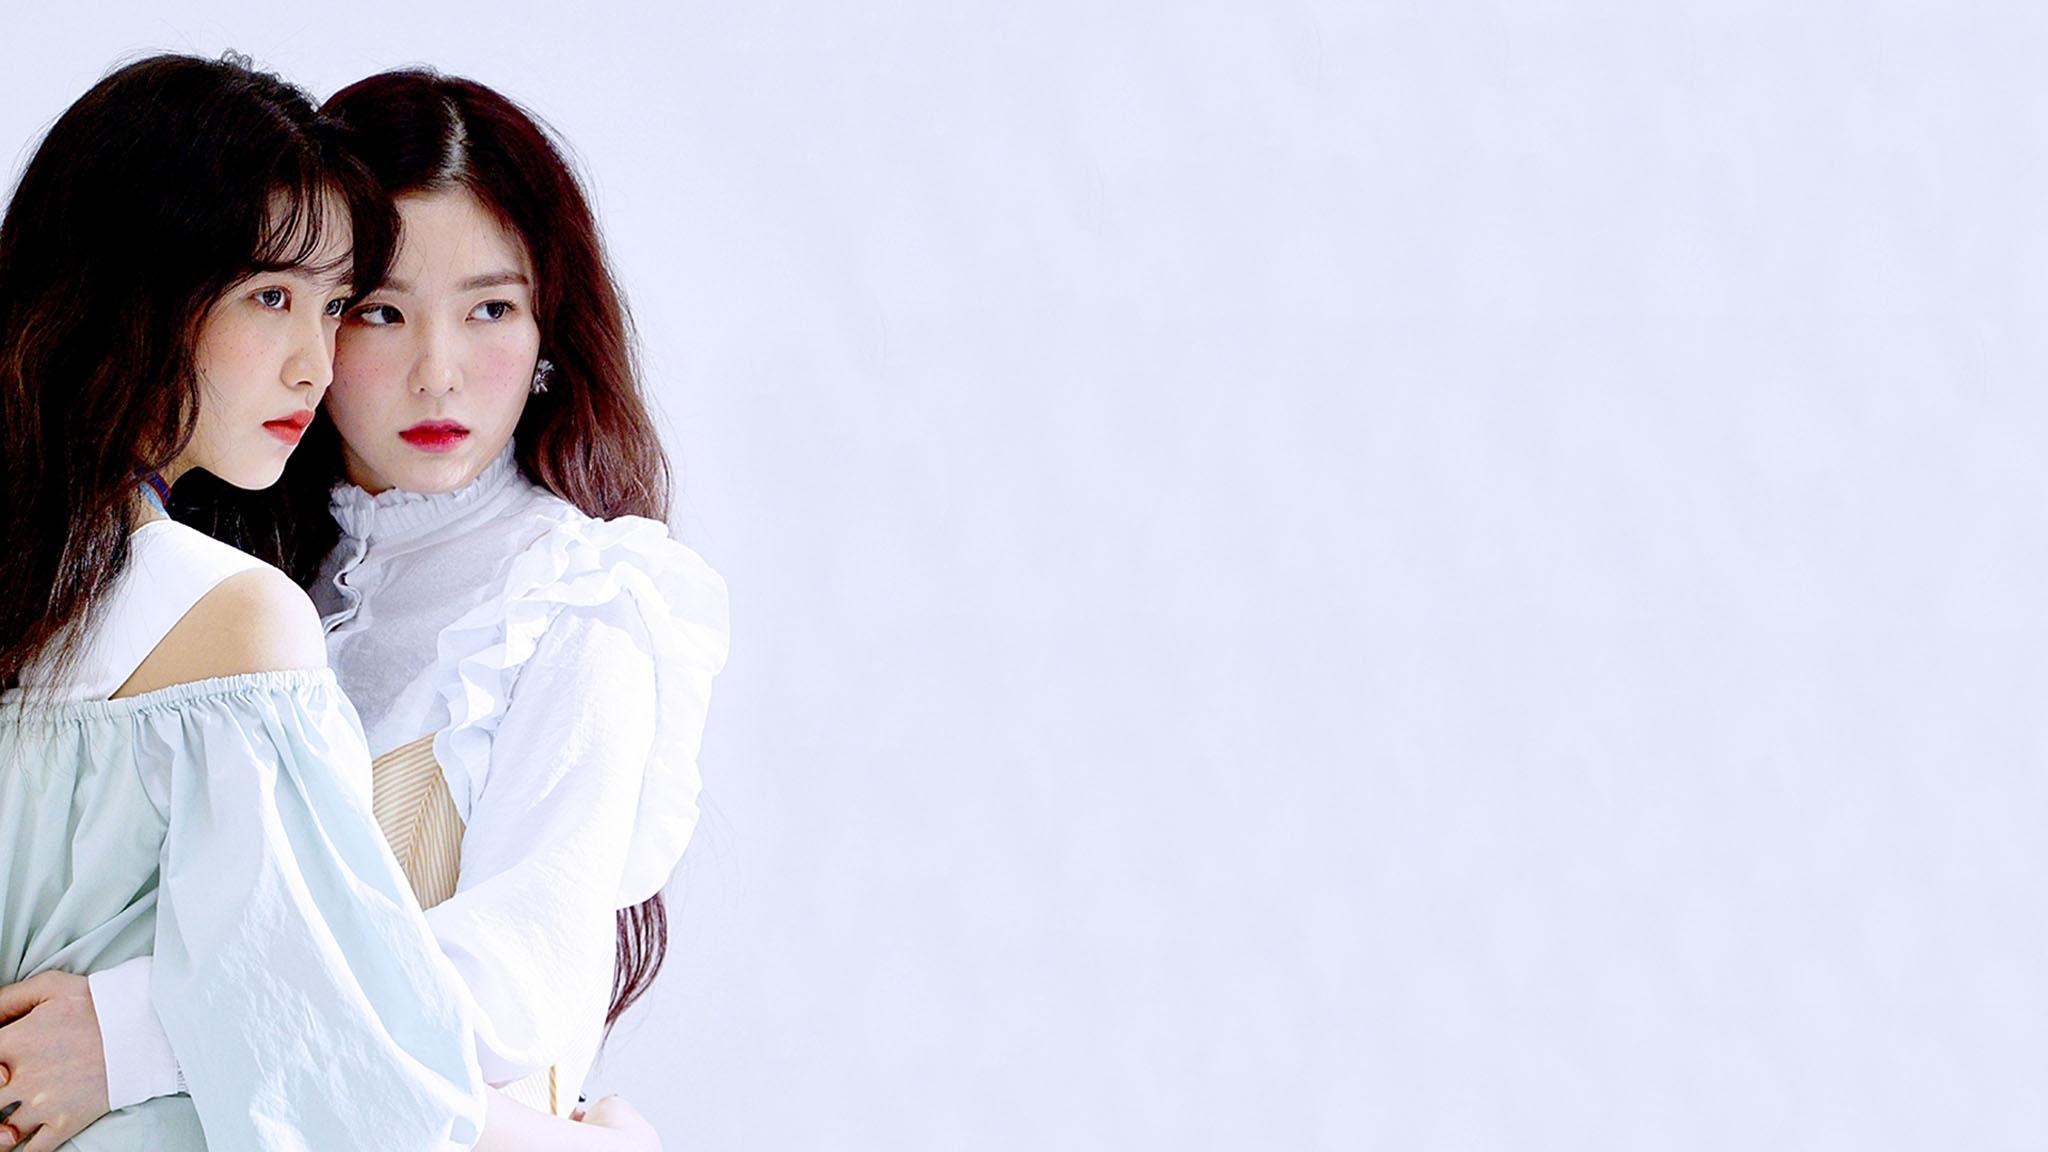 Red Velvet Imagens Yeri Irene Hd Wallpaper And Background